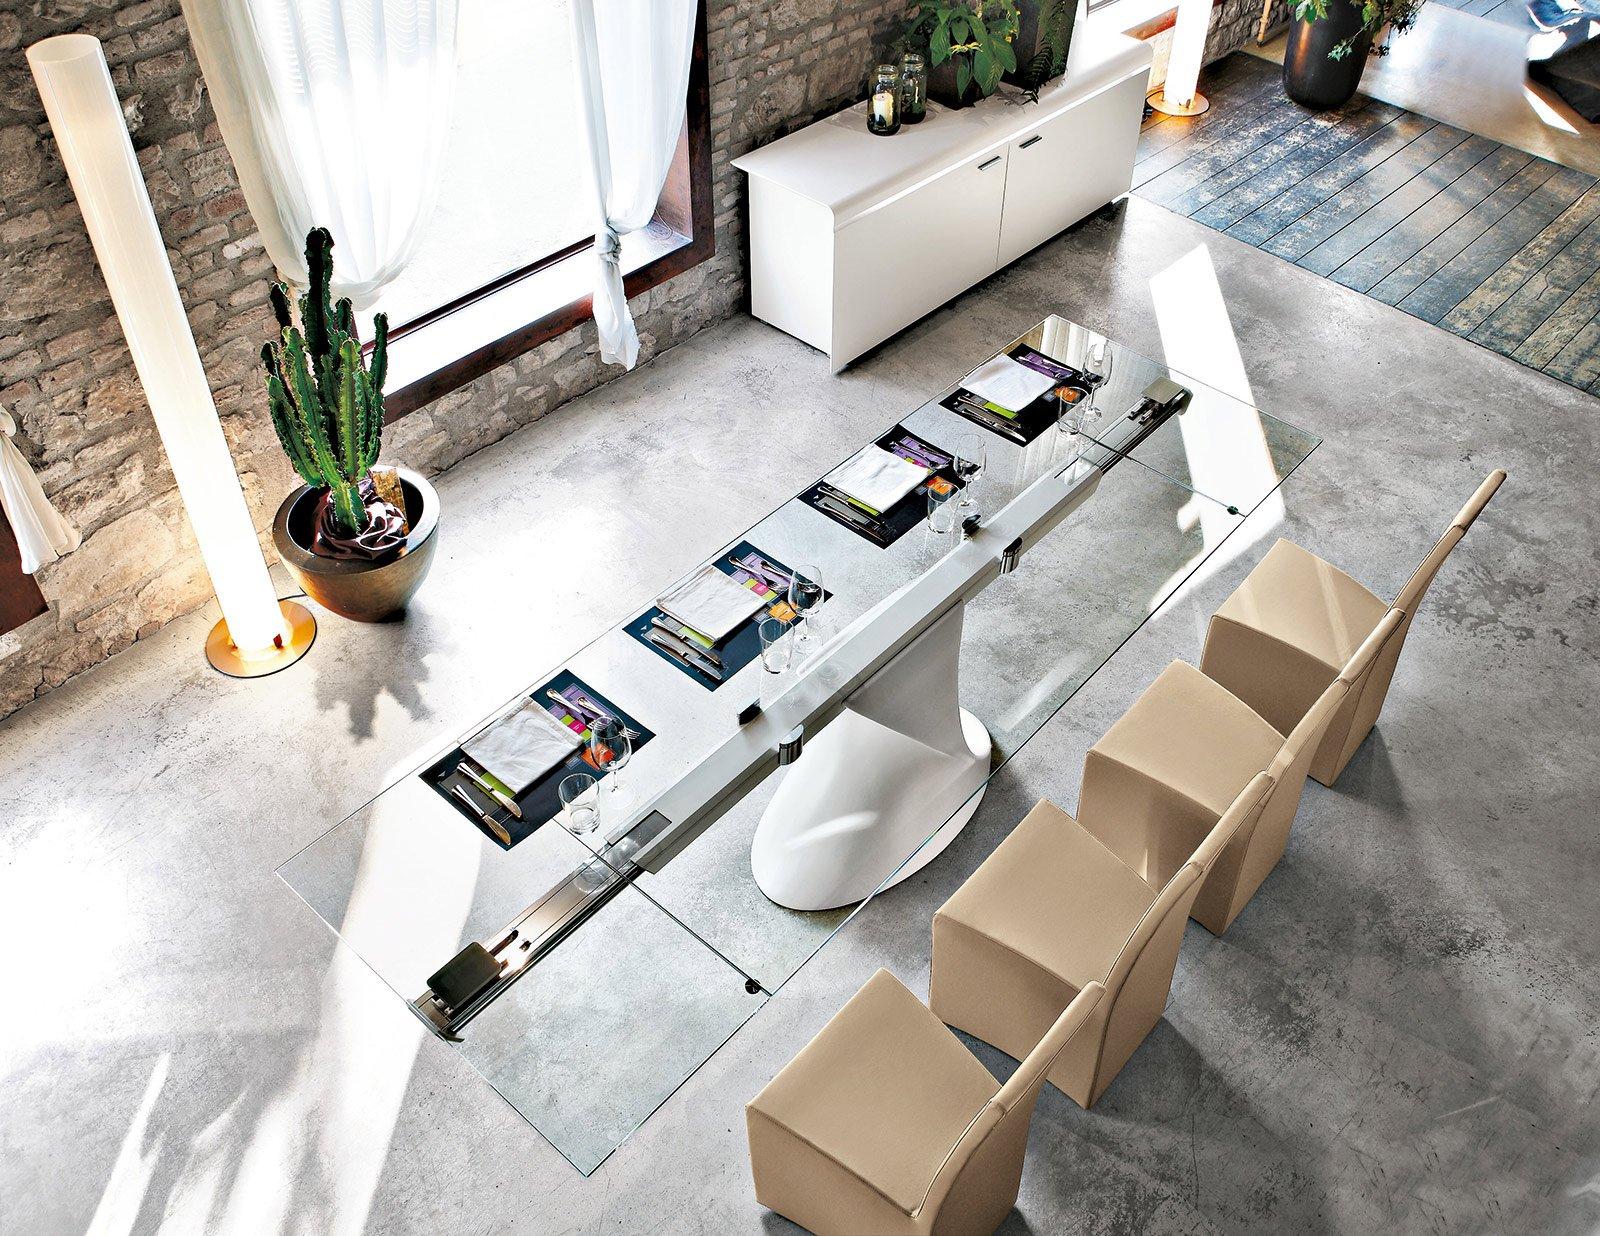 Tavoli Maxi Per Arredare La Zona Pranzo Cose Di Casa #836A48 1600 1236 Tavoli Da Pranzo Di Marca